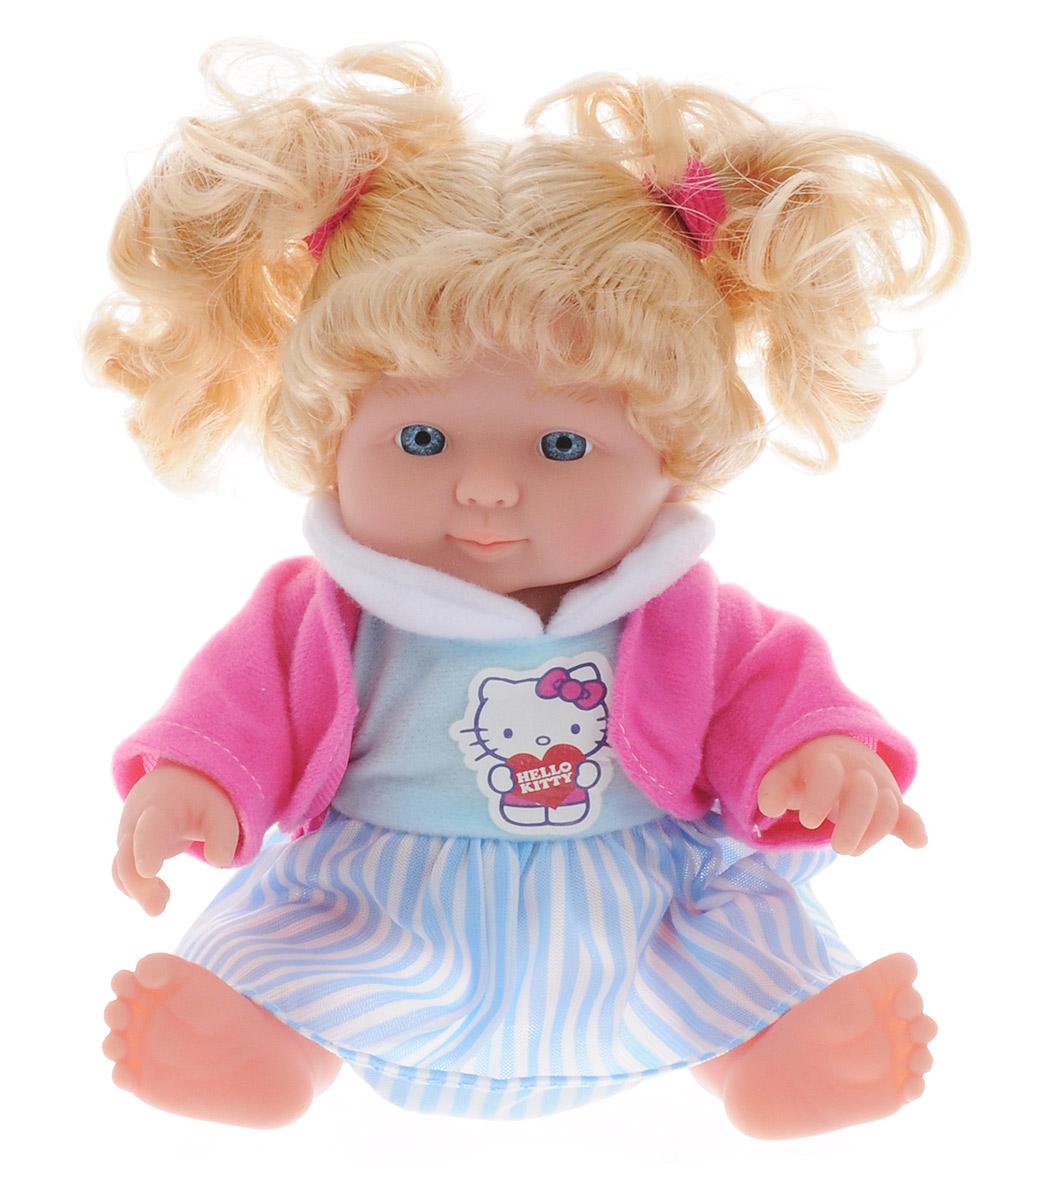 Карапуз Пупс озвученный Нello Кitty в полосатой юбке цвет голубой розовый белый30205-HELLO KITTY_голубойПупс озвученный Карапуз Нello Кitty непременно порадует вашу малышку и подарит массу положительных эмоций. Кукла выполнена с анатомической точностью и выглядит совсем как настоящий малыш. Ручки, ножки и голова подвижны и изготовлены из высококачественного материала. Пупс одет в платье бело-голубого цвета, сверху накинута розовая кофточка. У куколки густые светлые волосы, которые убраны в два забавных хвостика. Кукла может издавать звуки совсем как маленький ребенок. Нажмите на животик пупса - и он заплачет, покапризничает, засмеется, покашляет. Всего кукла издает 10 разных звуков. Игра с куклой учит детей проявлять заботу, доброту и выражать свои чувства. Рекомендуется докупить 3 батарейки AG13/LR44 (товар комплектуется демонстрационными).